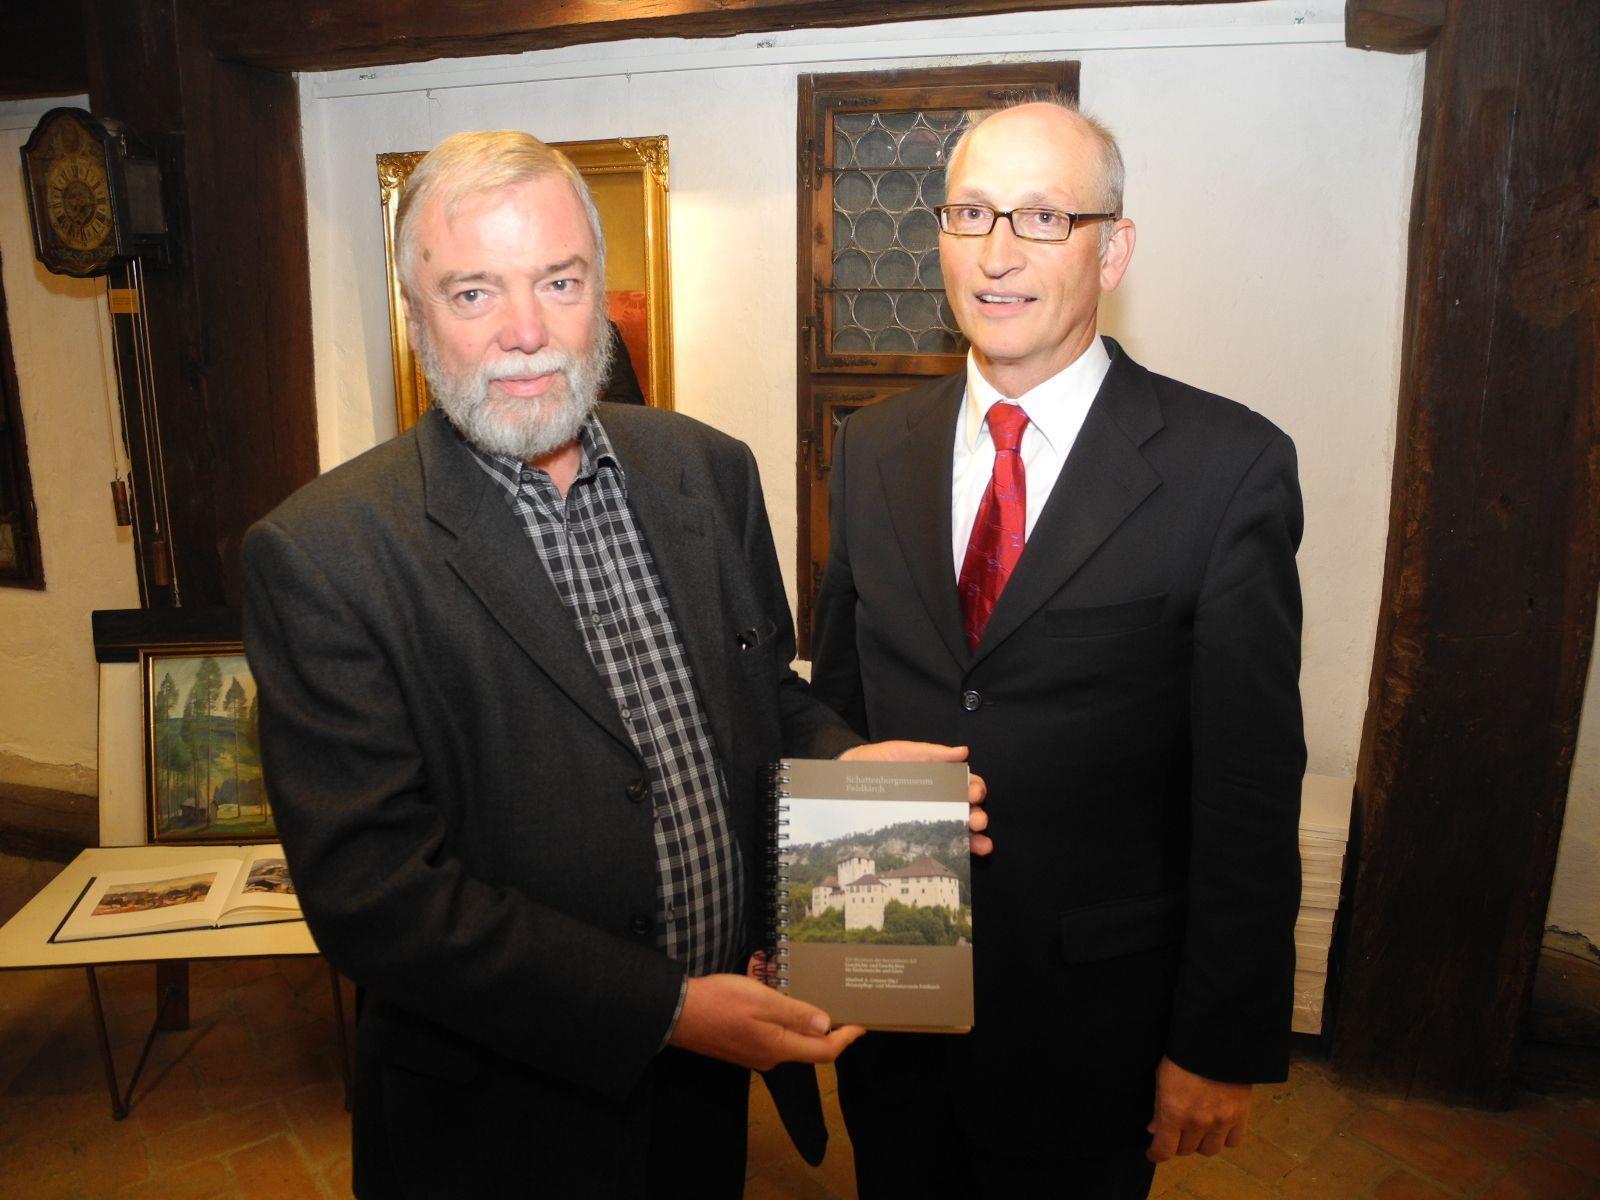 (l.) Manfred A- Getzner stellt das neue Buch mit Thomas E. Wanger einem Mitarbeiter vor